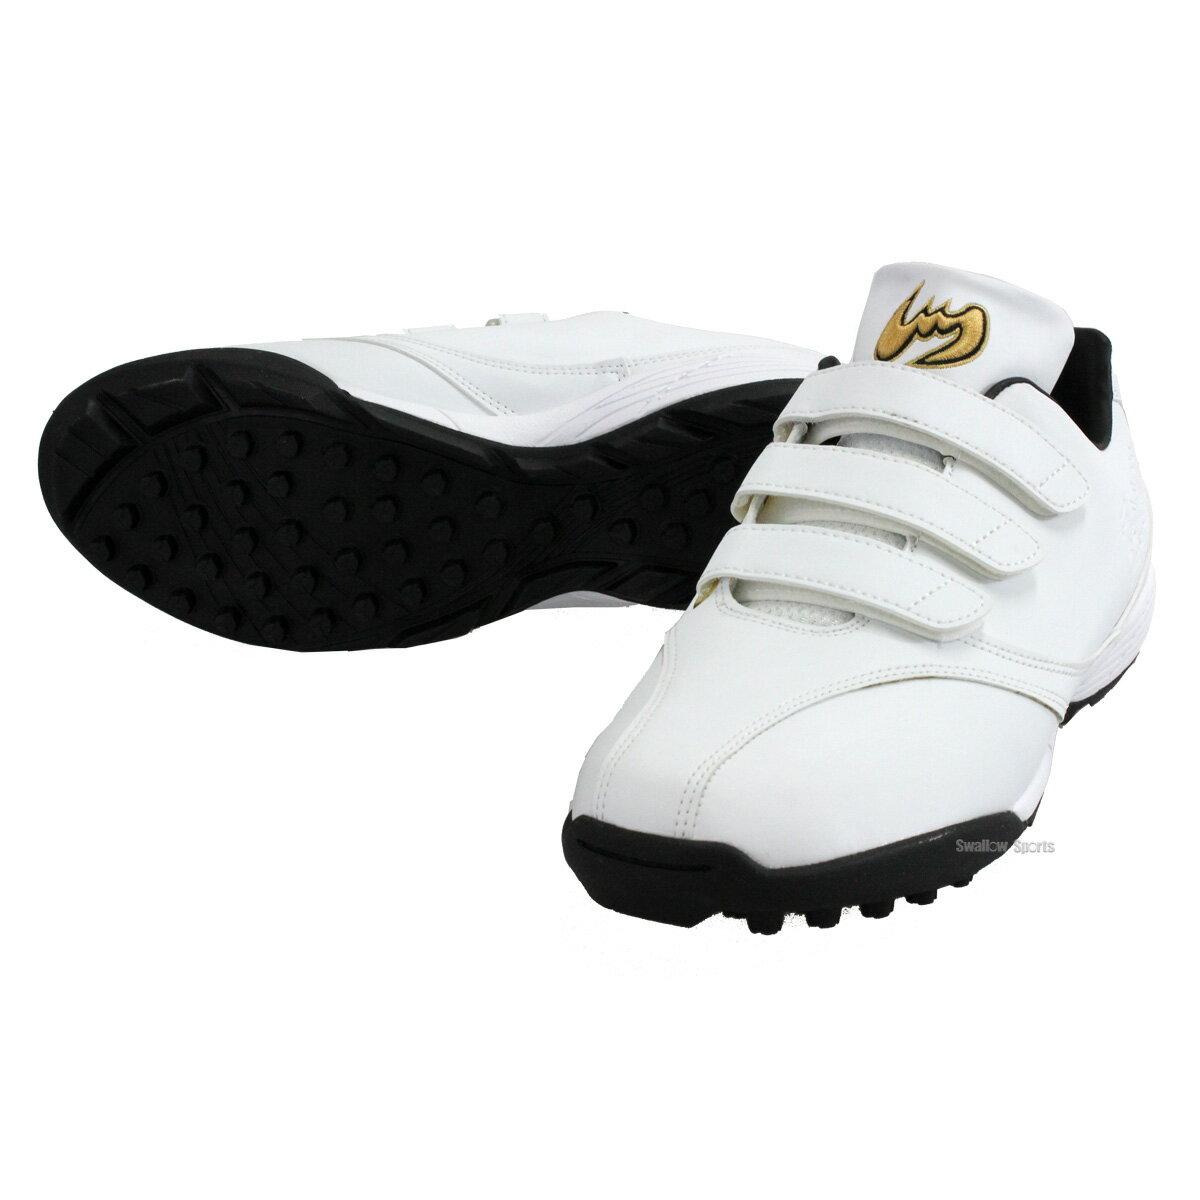 ジームス トレーニングシューズ ZE-90 靴 野球用品 スワロースポーツ